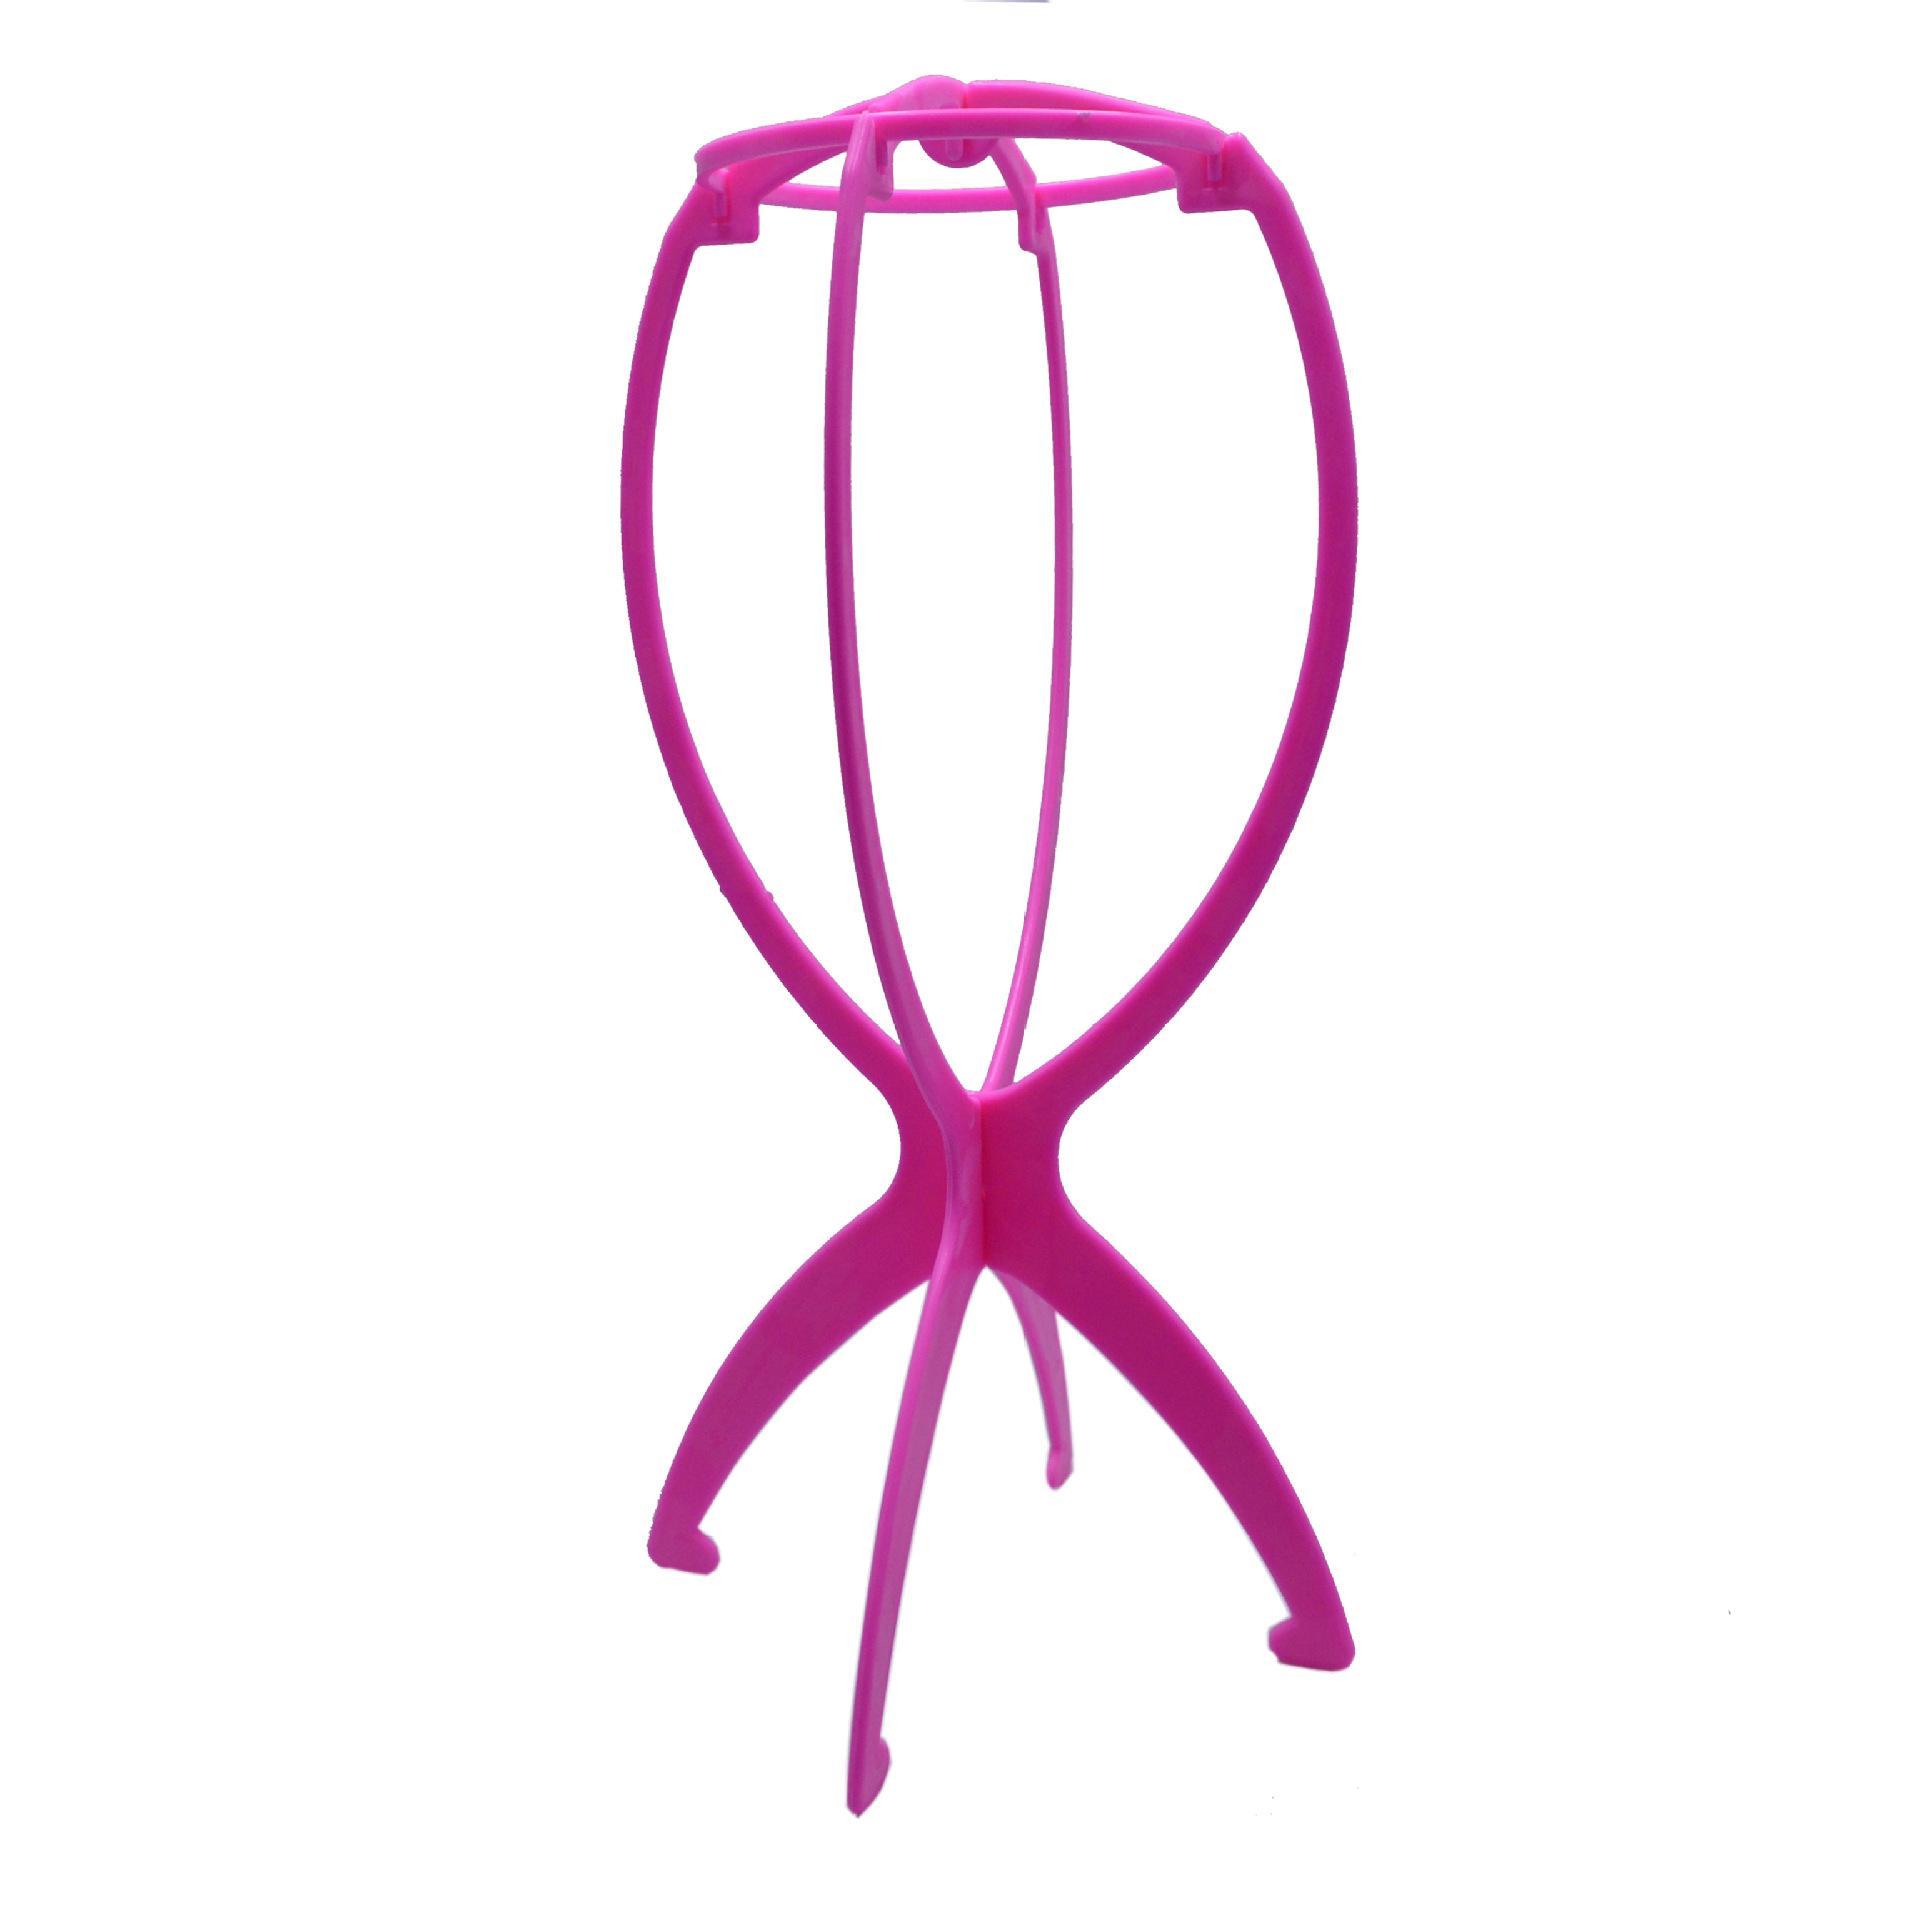 4 Renkler Ajustable Peruk Standları Plastik Şapka Ekran Peruk Baş Tutucular 18x36 cm Manken Başkanı Standı Taşınabilir Katlanır Peruk Stand 50 ADET DHL